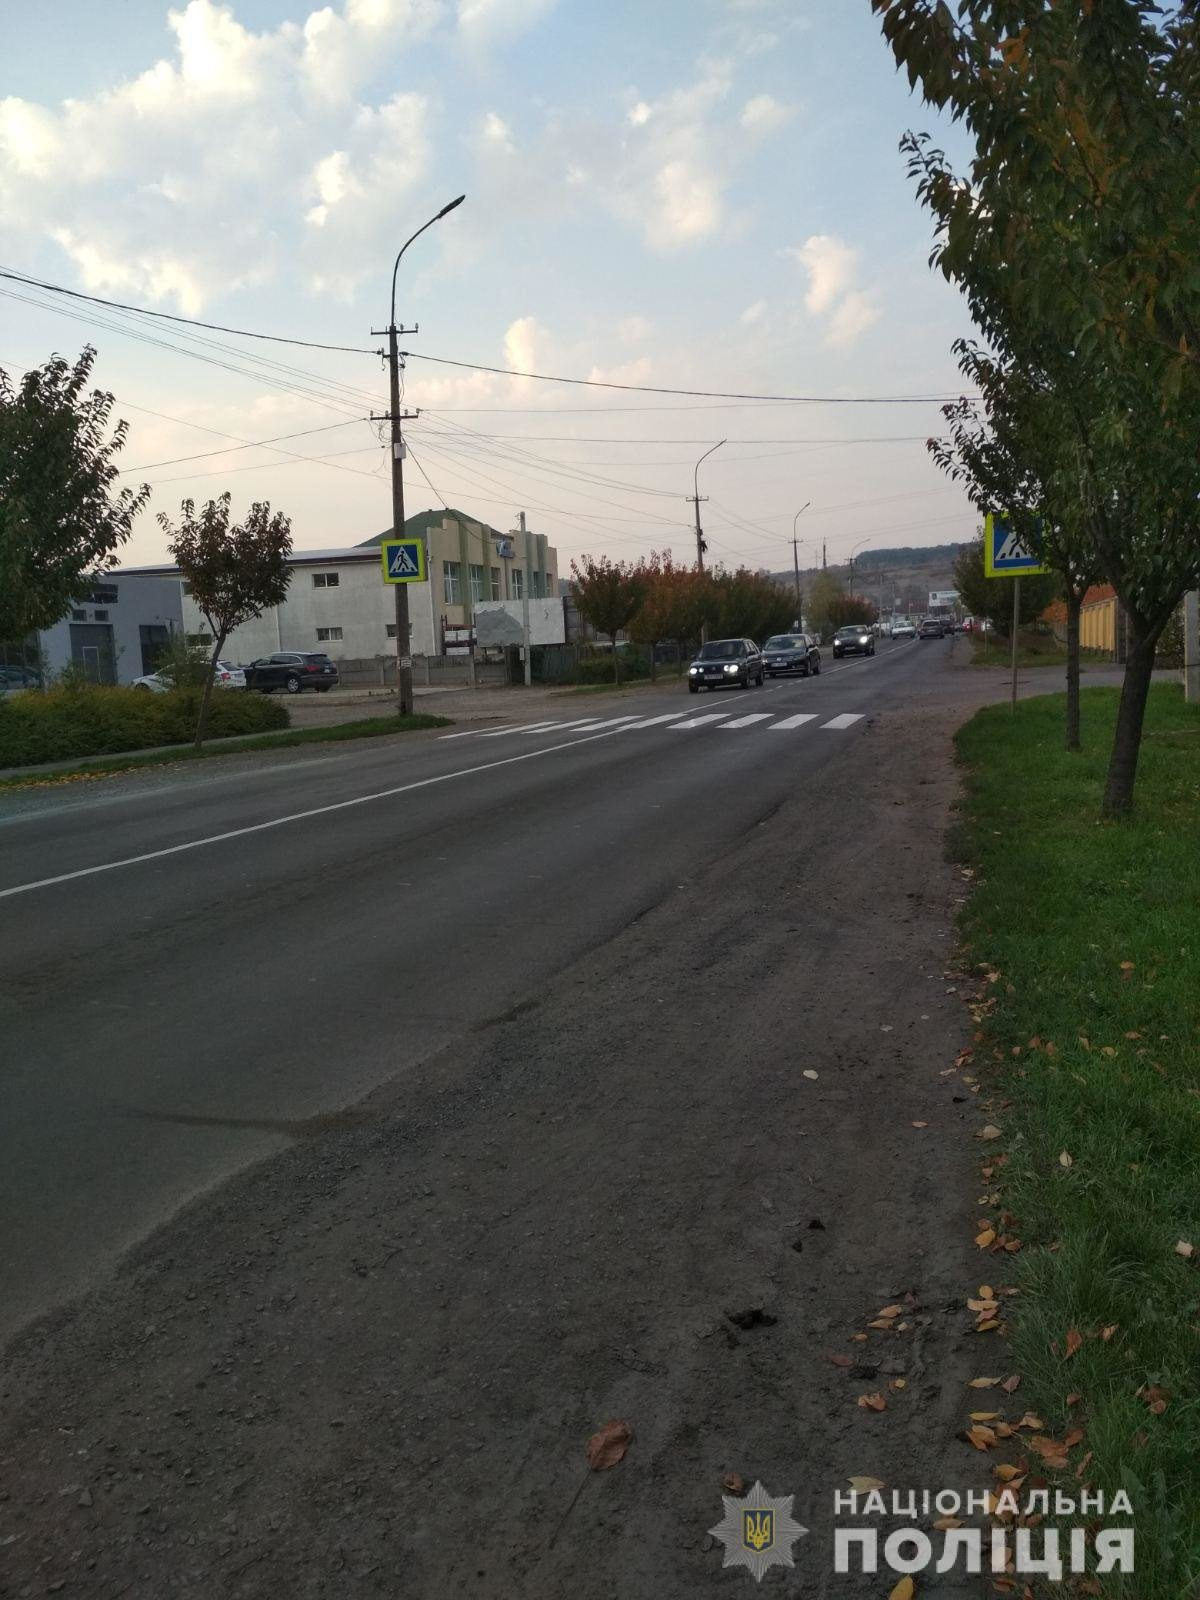 На Закарпатті 78-річний водій збив дитину на пішохідному переході - у дівчинки численні травми (ФОТО), фото-2